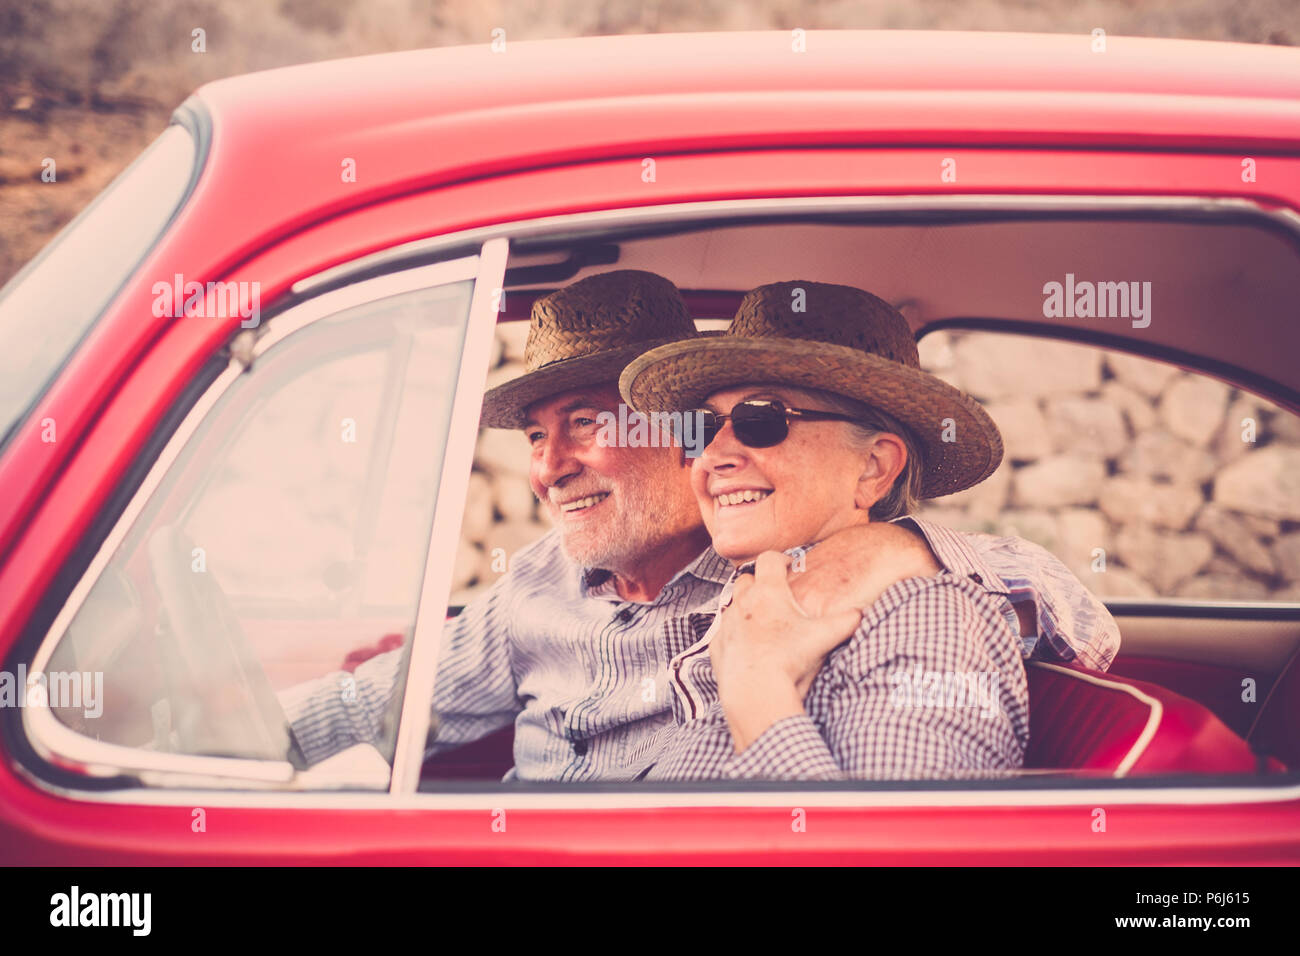 Coppia di anziani con cappello, con occhiali, con il grigio e il bianco dei capelli, con camicia casual, su vintage auto rossa in vacanza godendosi il tempo e la vita. Con un chee Immagini Stock